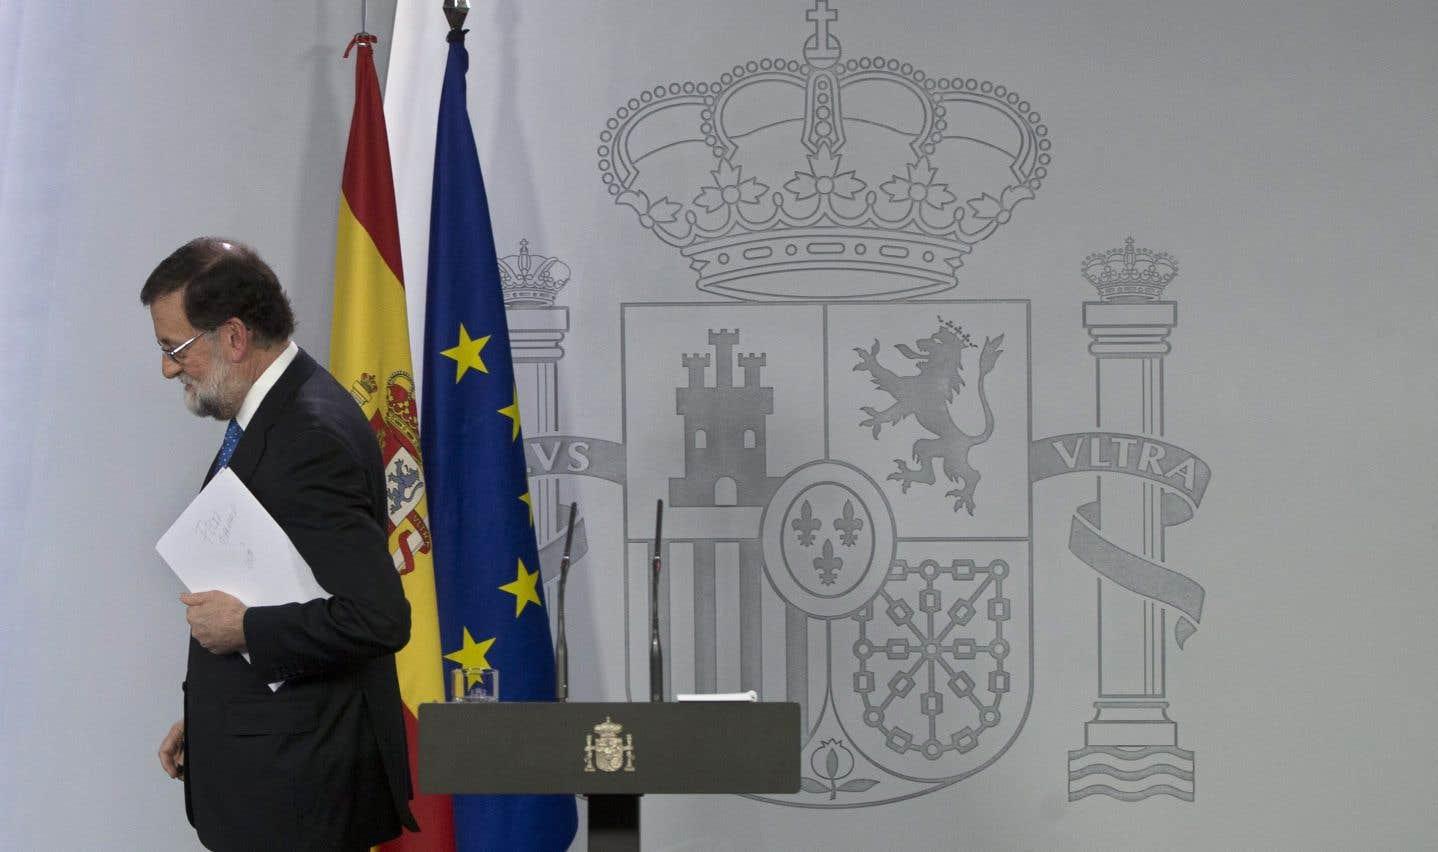 Le chef du gouvernement espagnol, Mariano Rajoy, avait perdu son pari en convoquant des élections anticipées après avoir placé la Catalogne sous tutelle en utilisant pour la première fois l'article 155 de la Constitution.